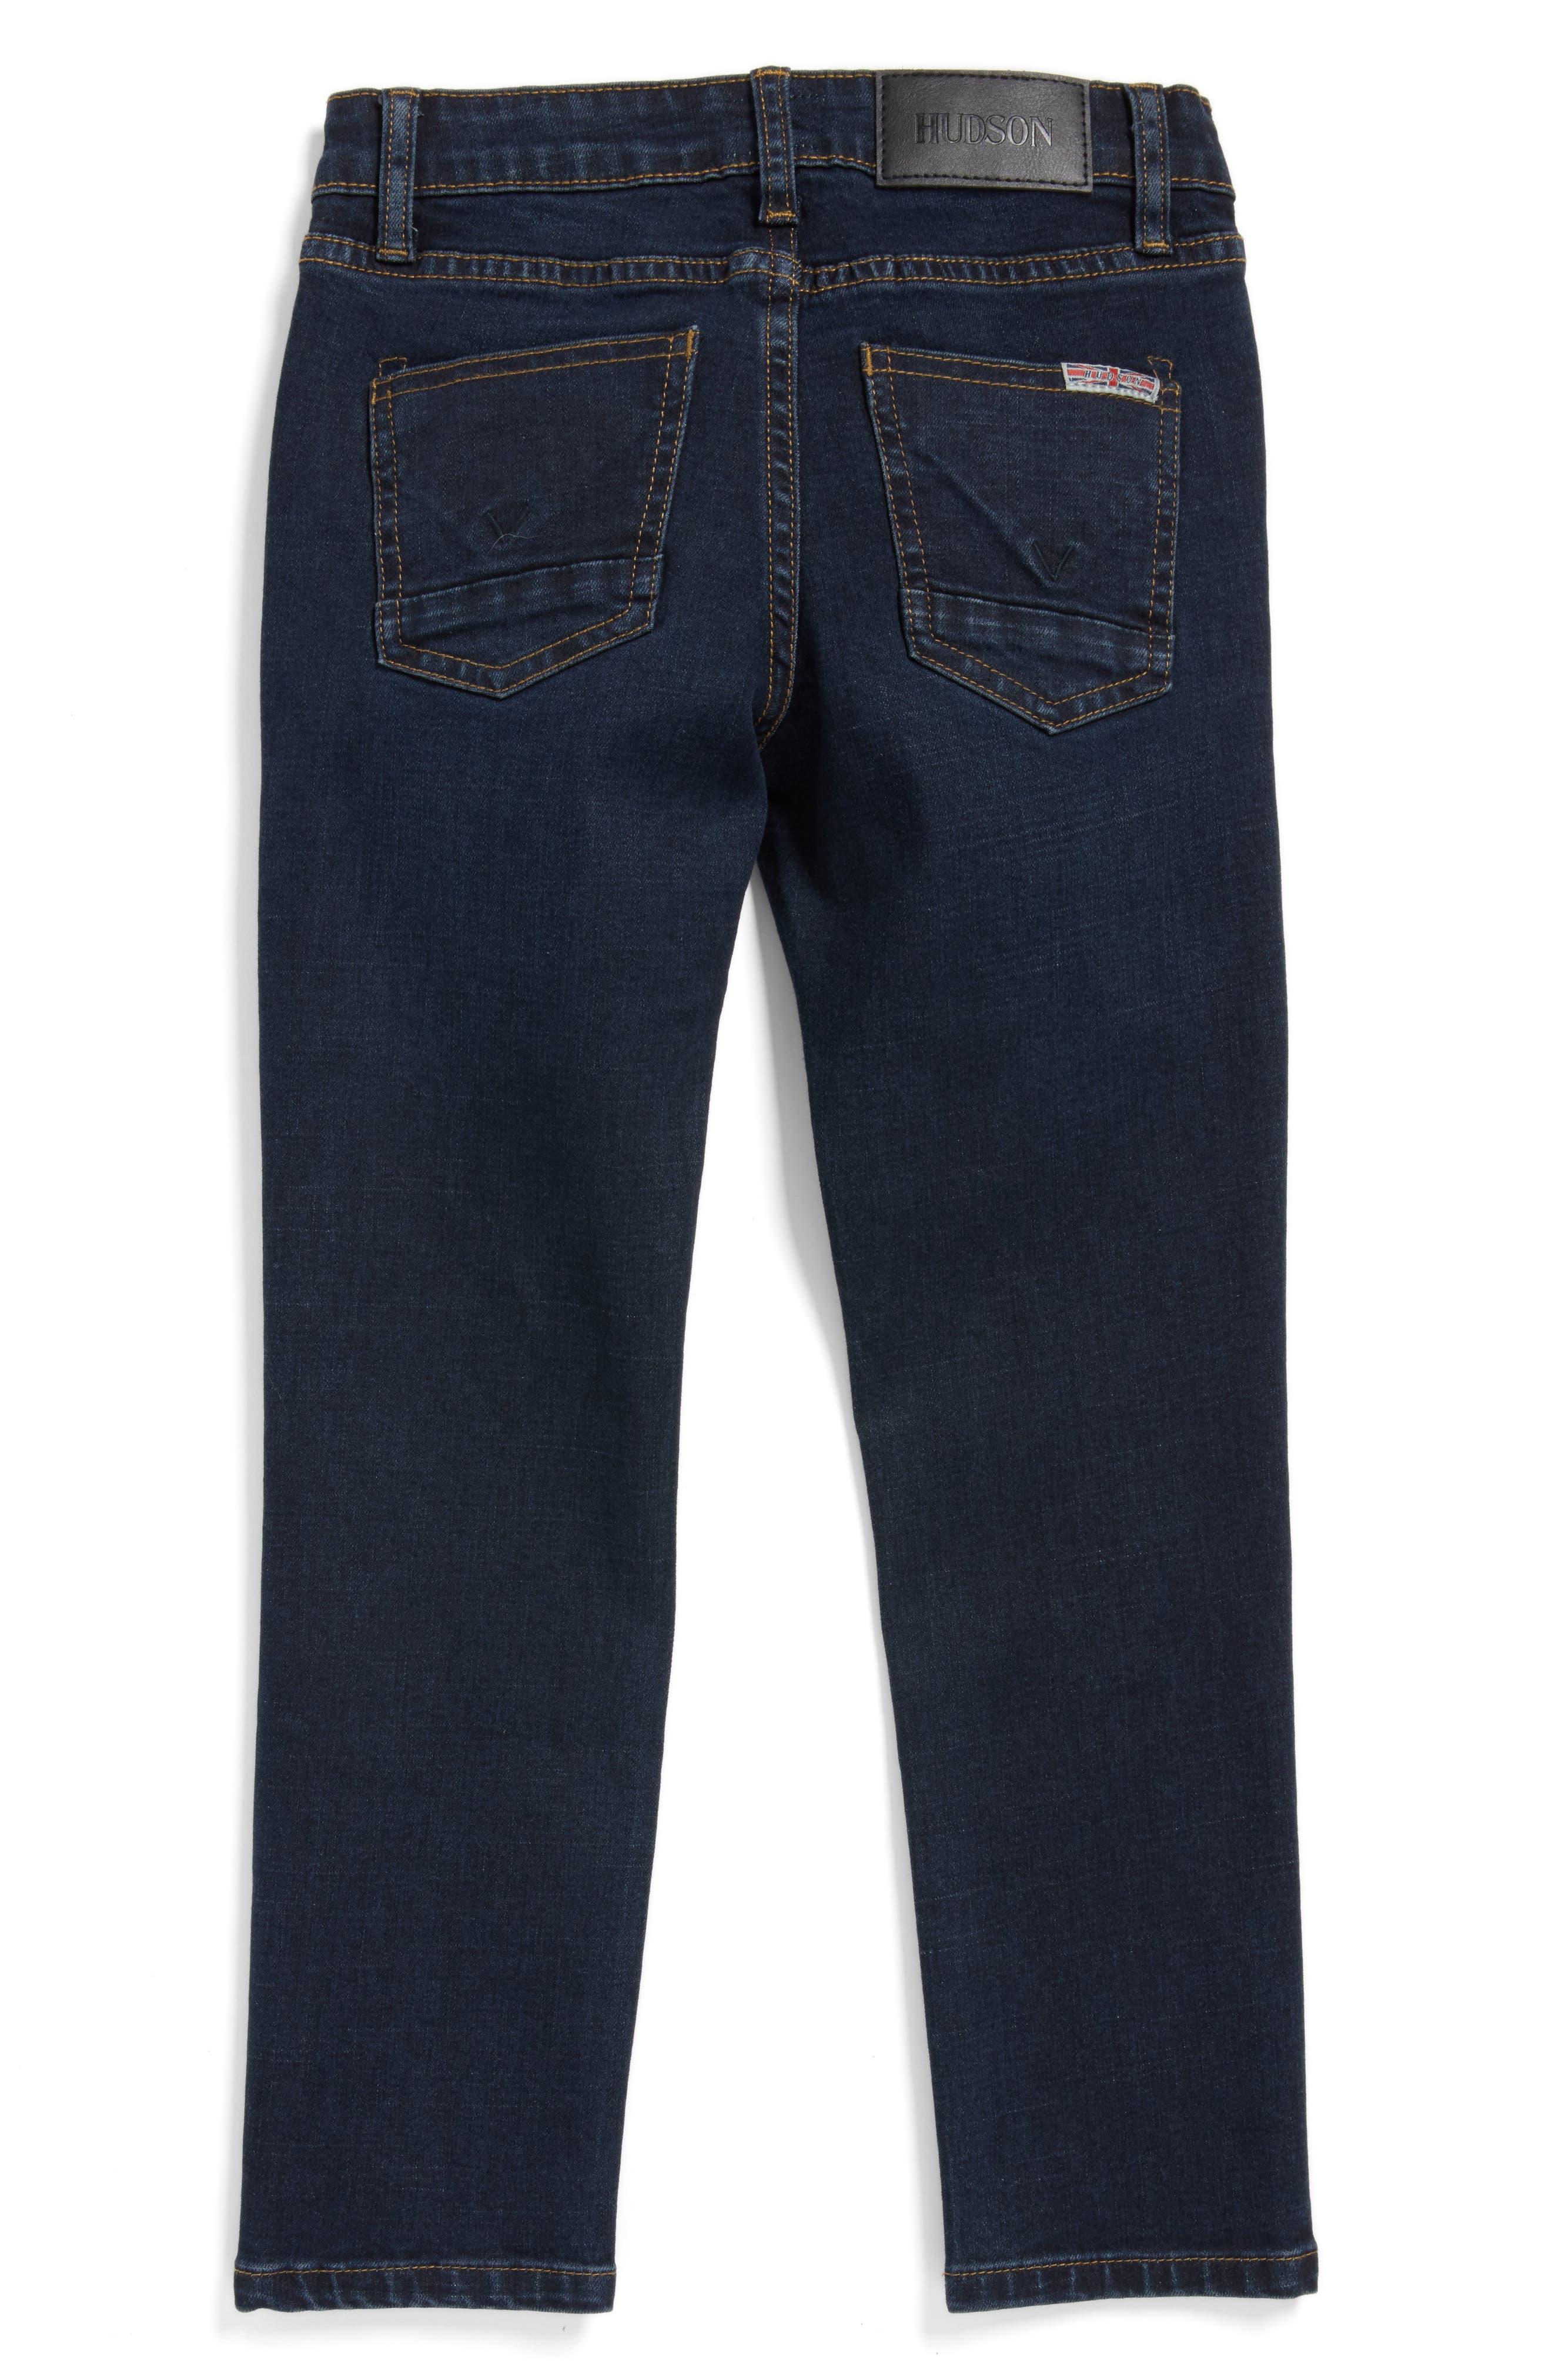 Alternate Image 2  - Hudson Jagger Slim Straight Leg Jeans (Toddler Boys, Little Boys & Big Boys)